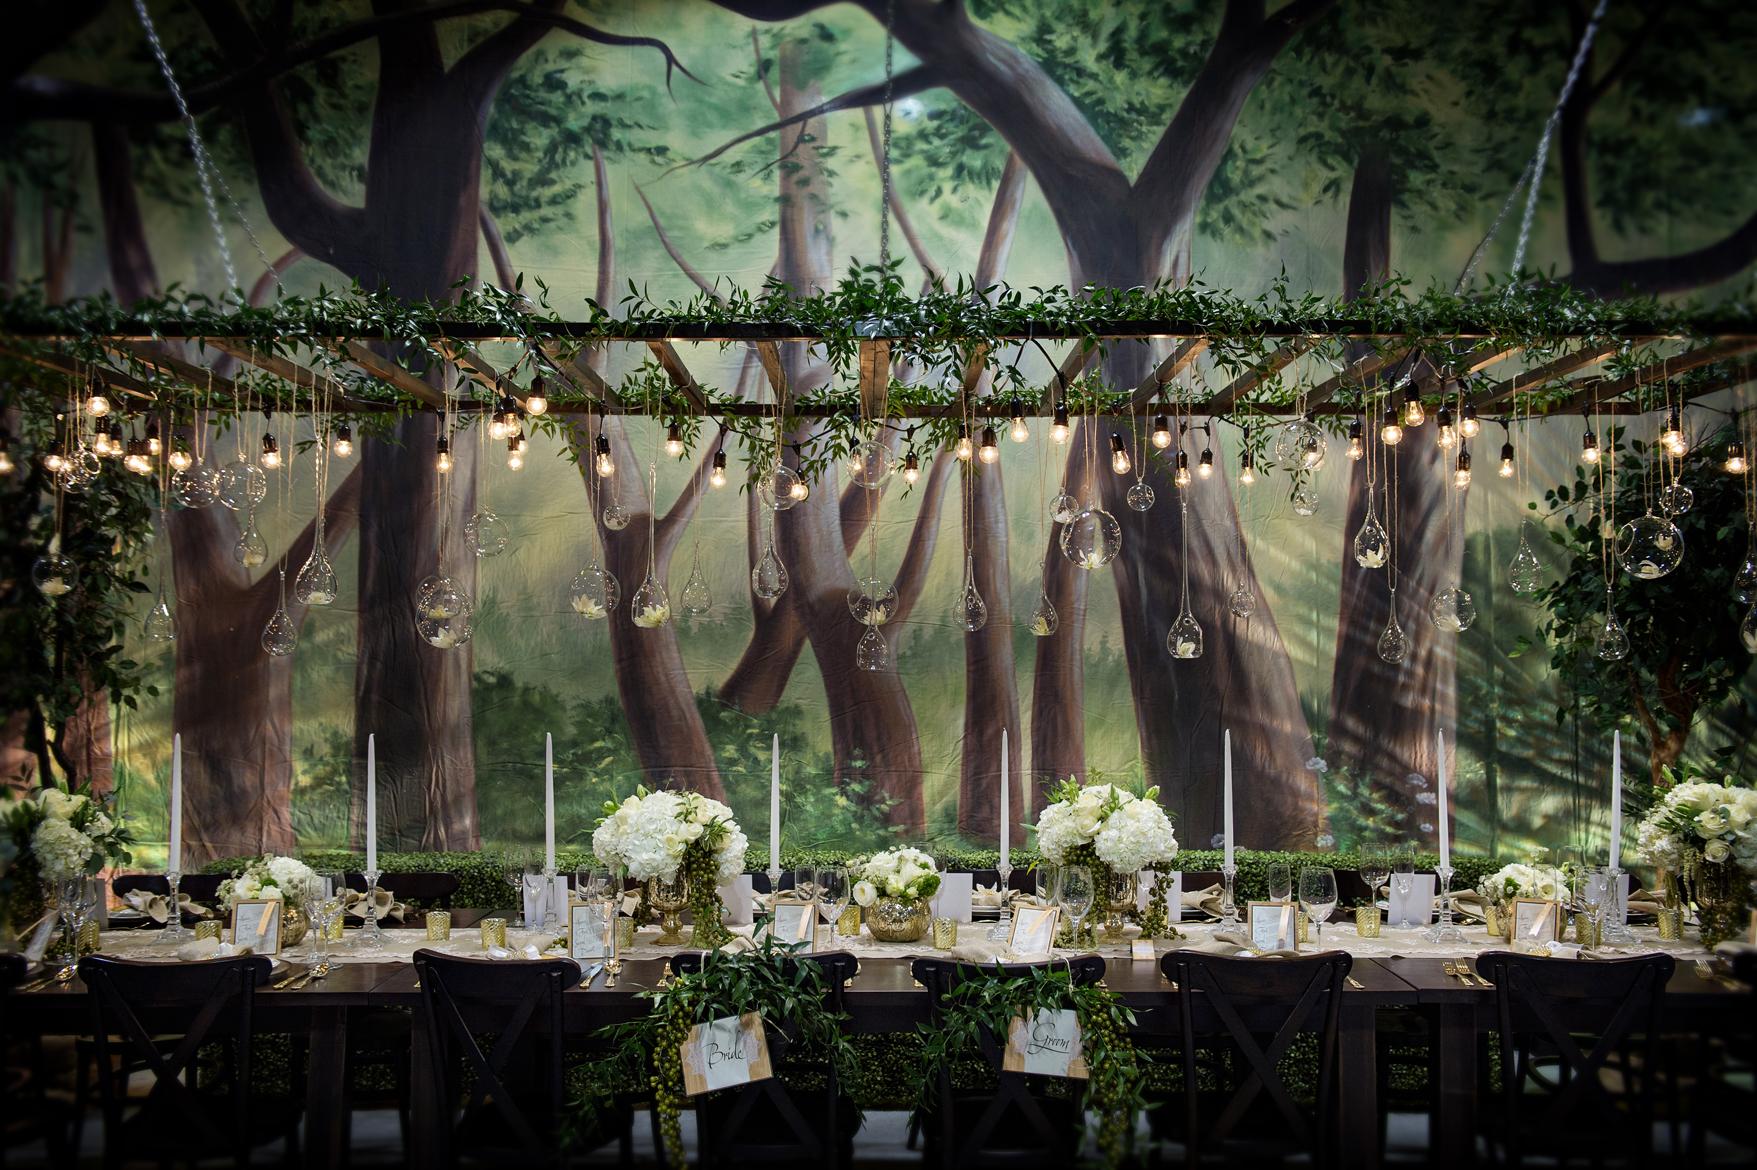 Leśny motyw przewodni na weselu - zdjęcie 17